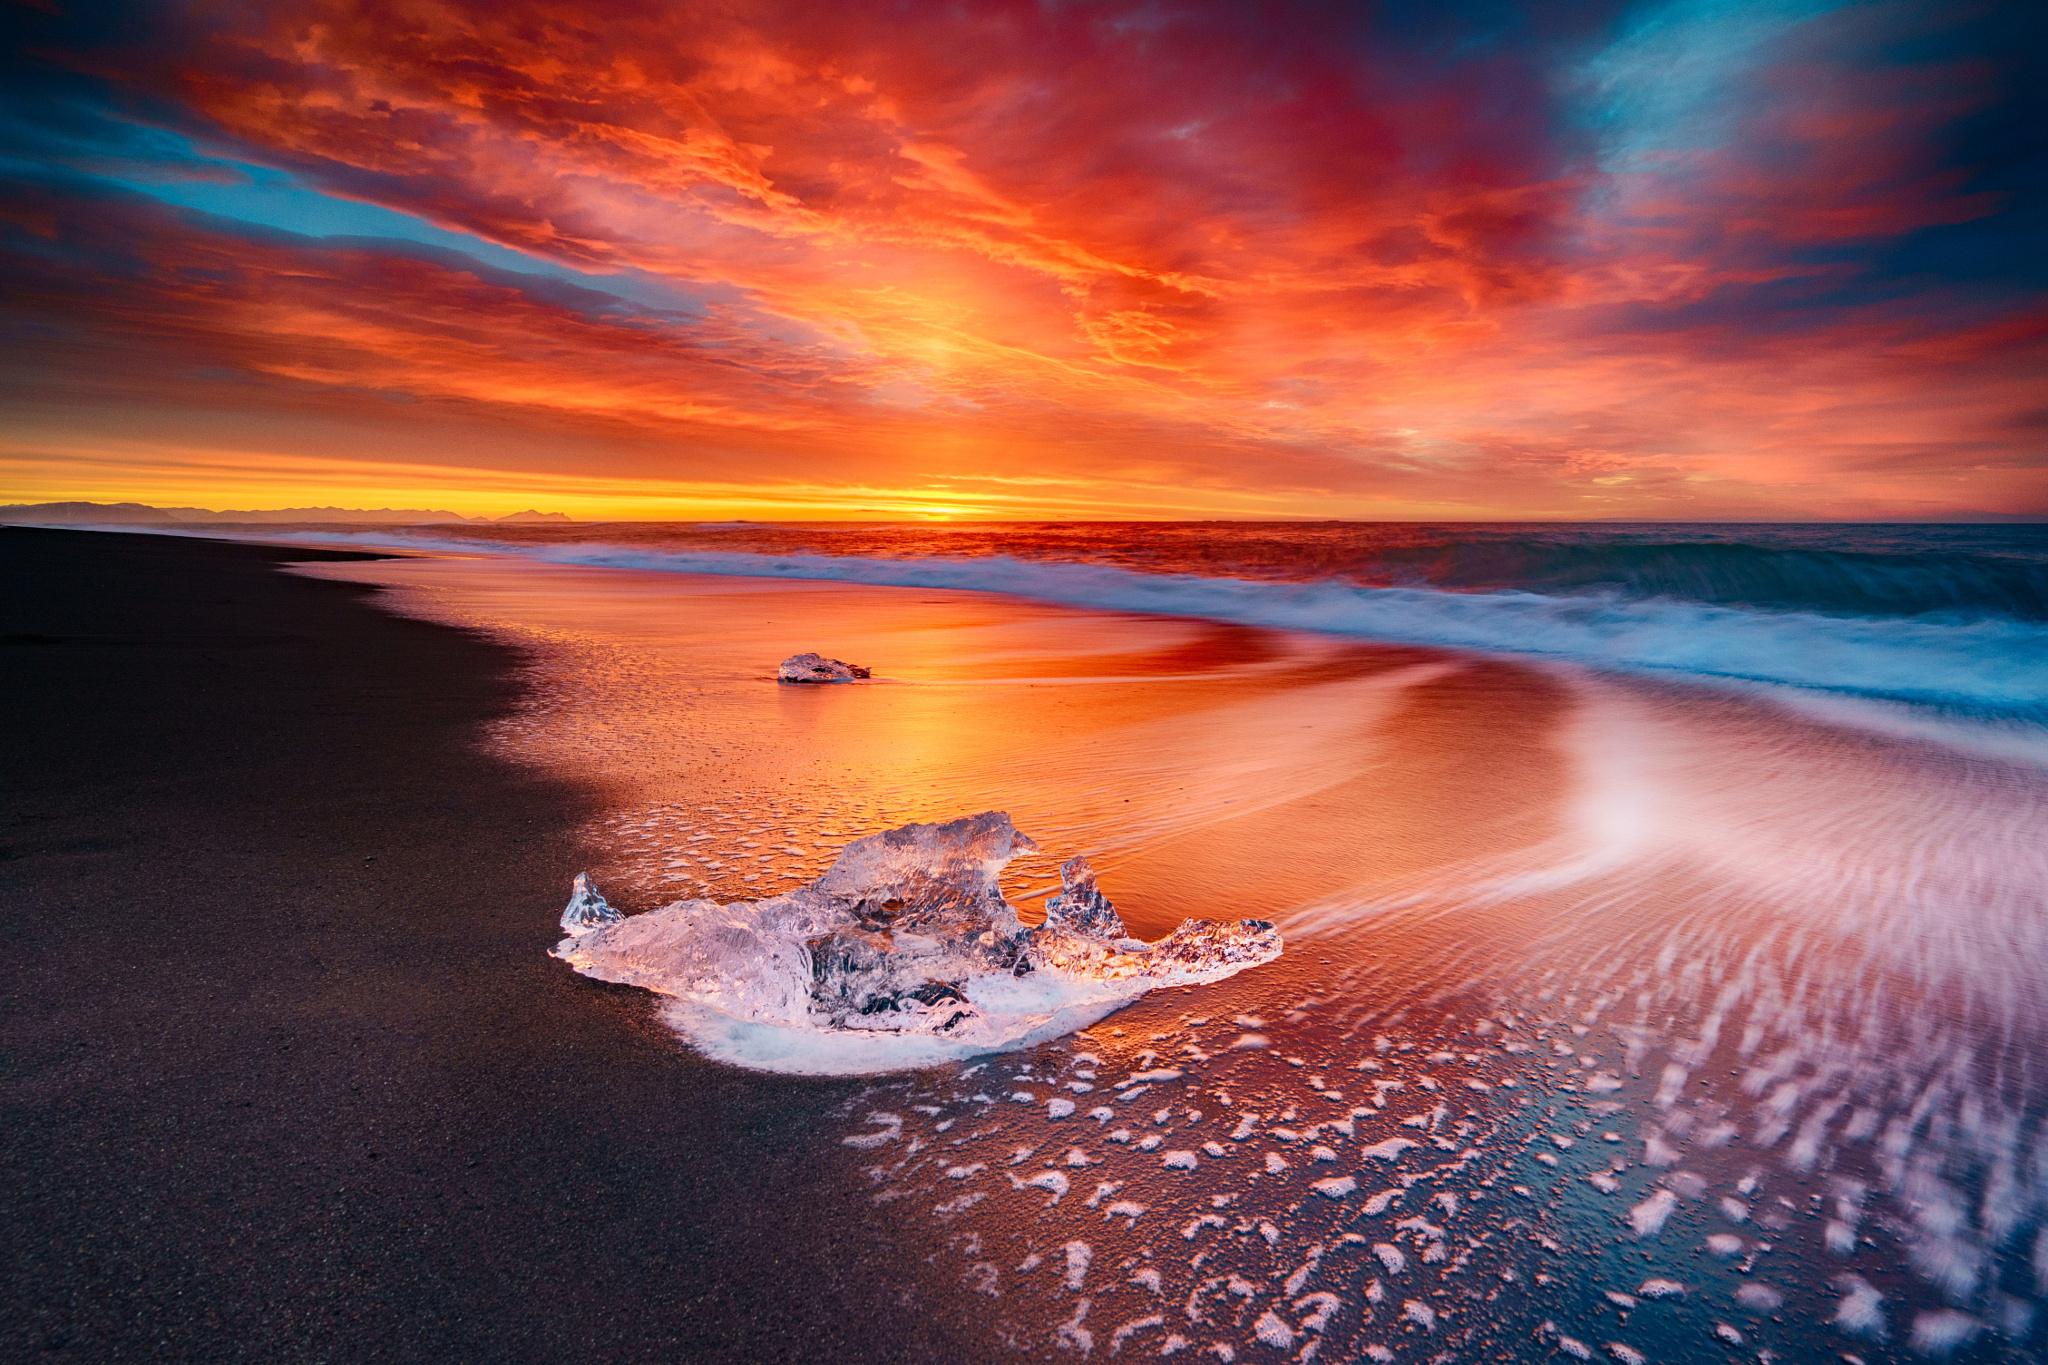 цветные моря картинки вызвала скорую, которая